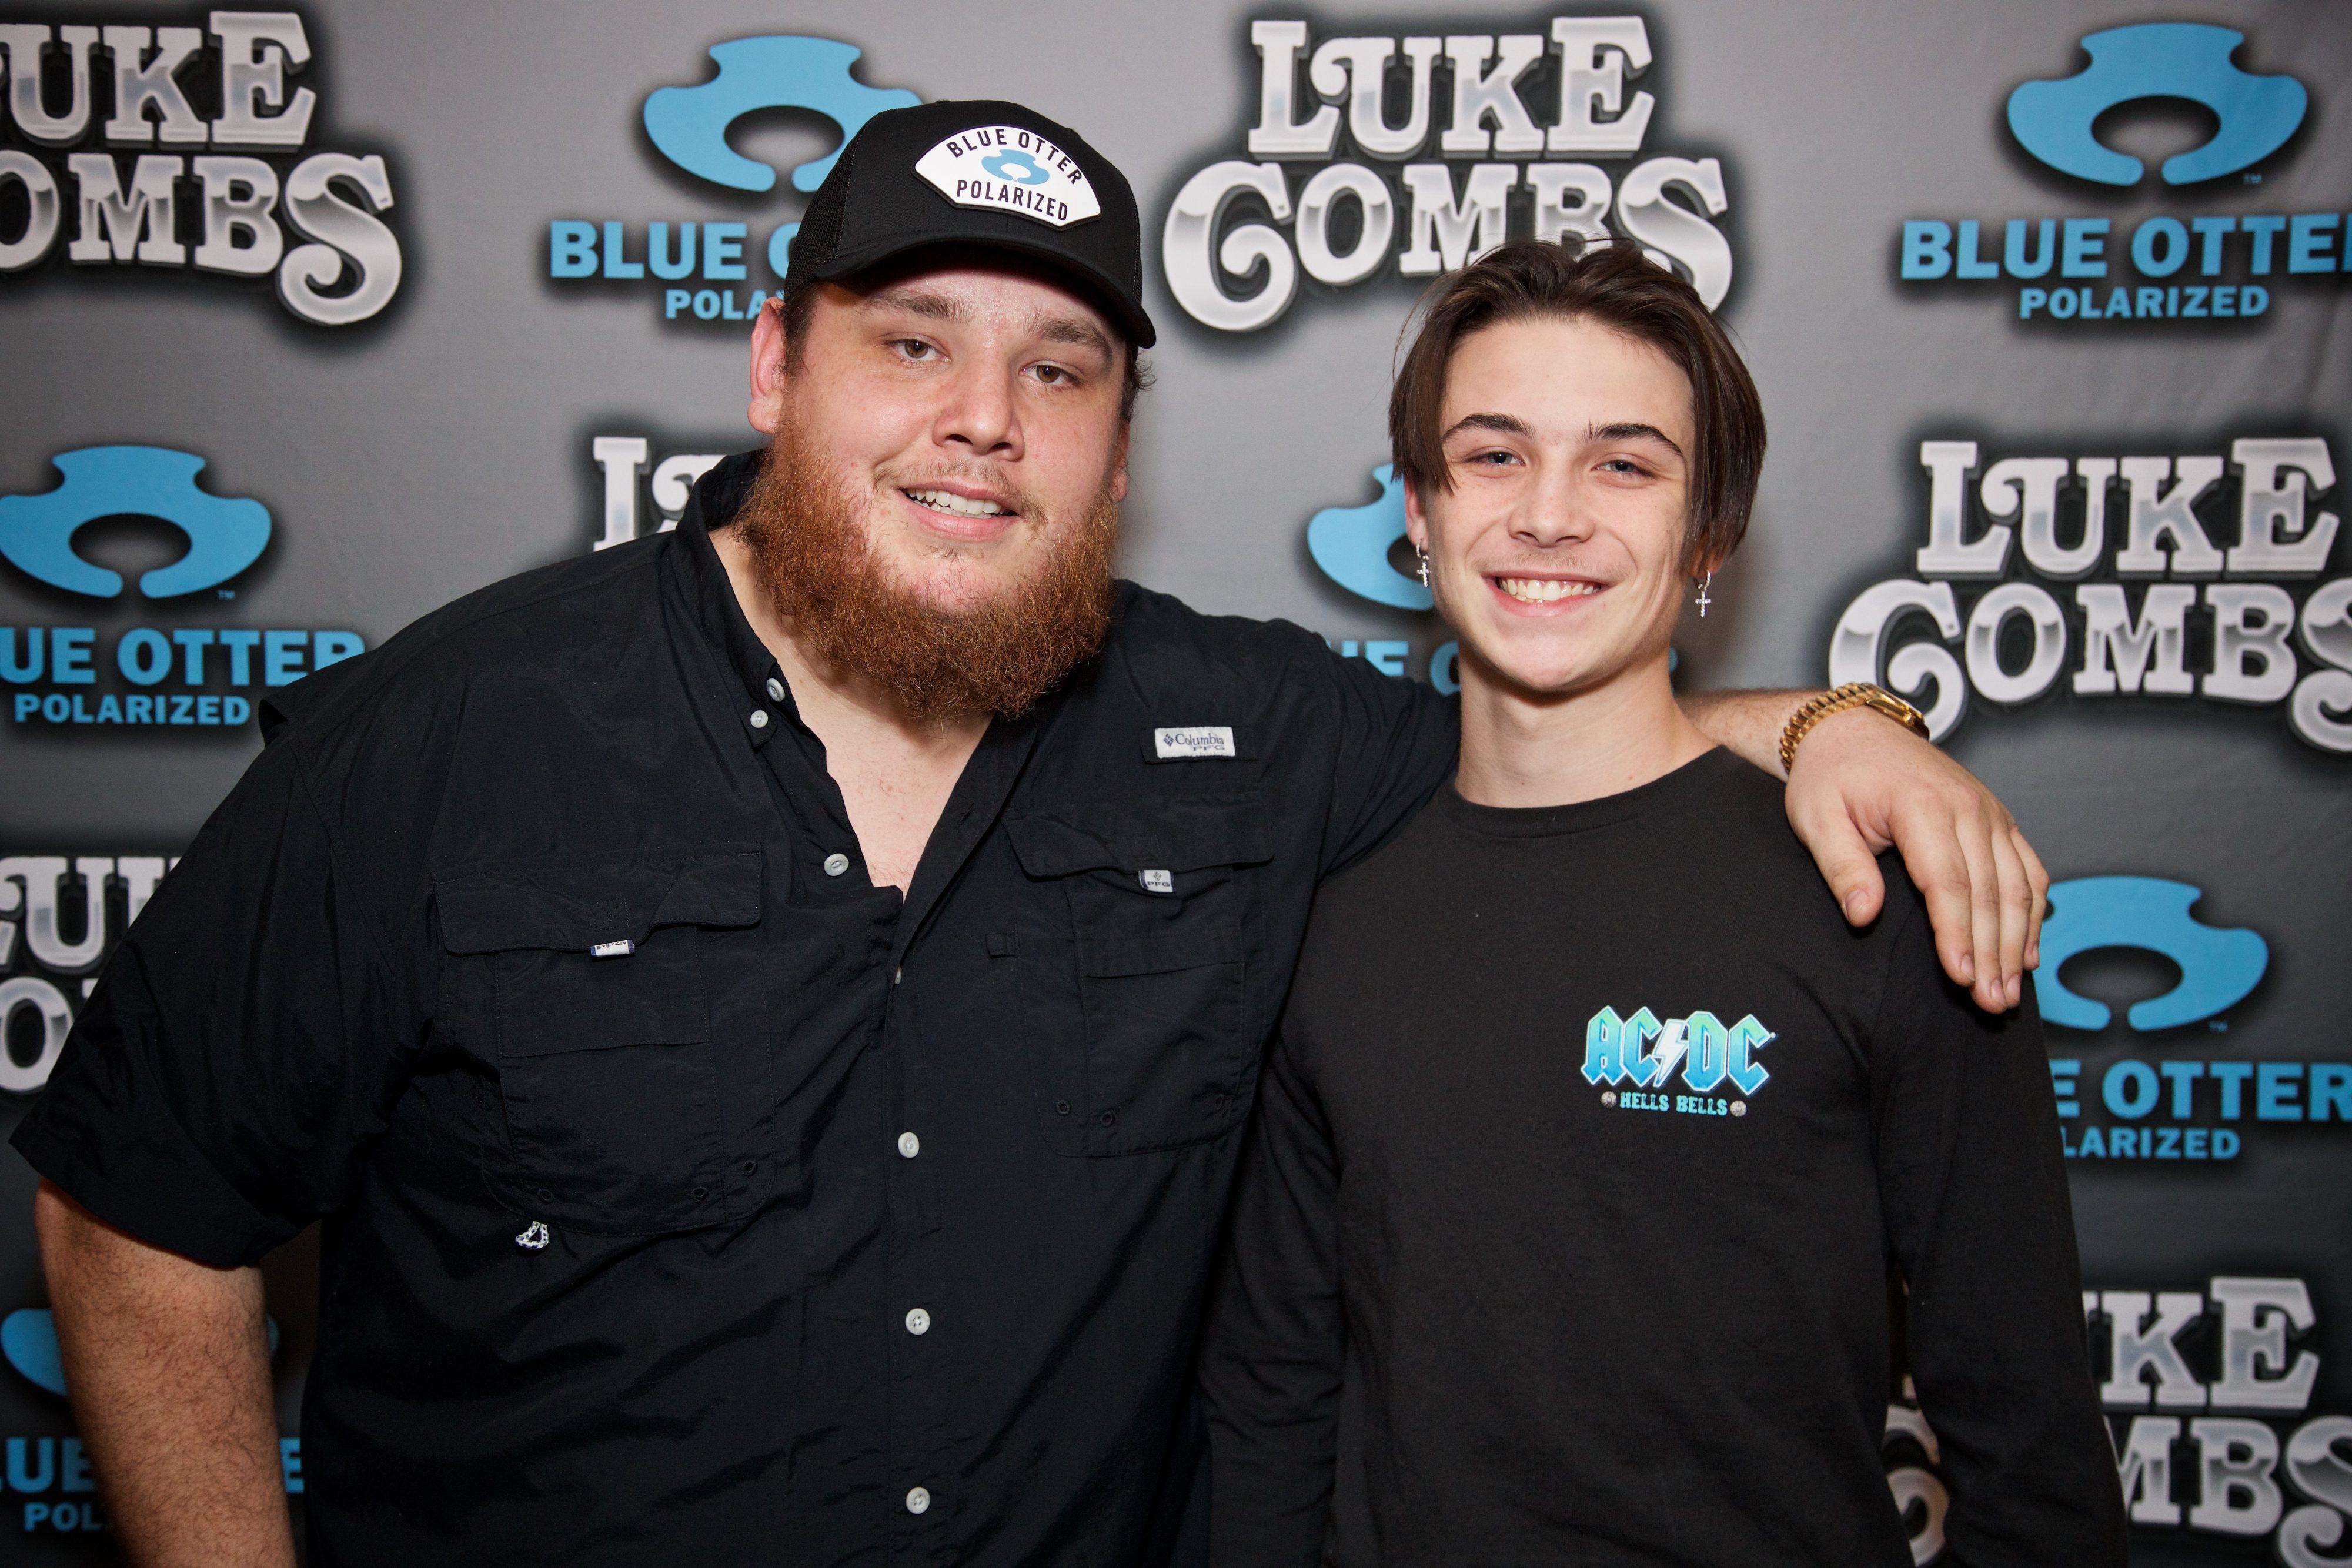 20191212_Luke_Combs_Nashville_0439